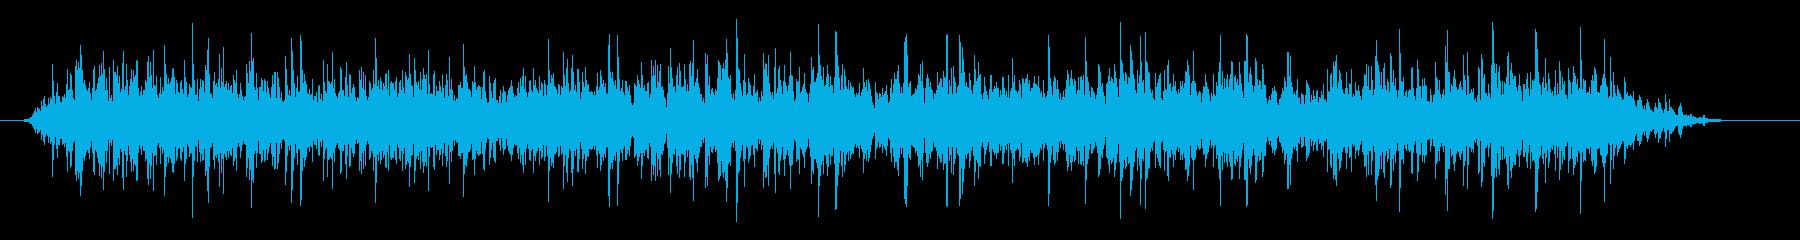 エルロシオエルポシトの再生済みの波形